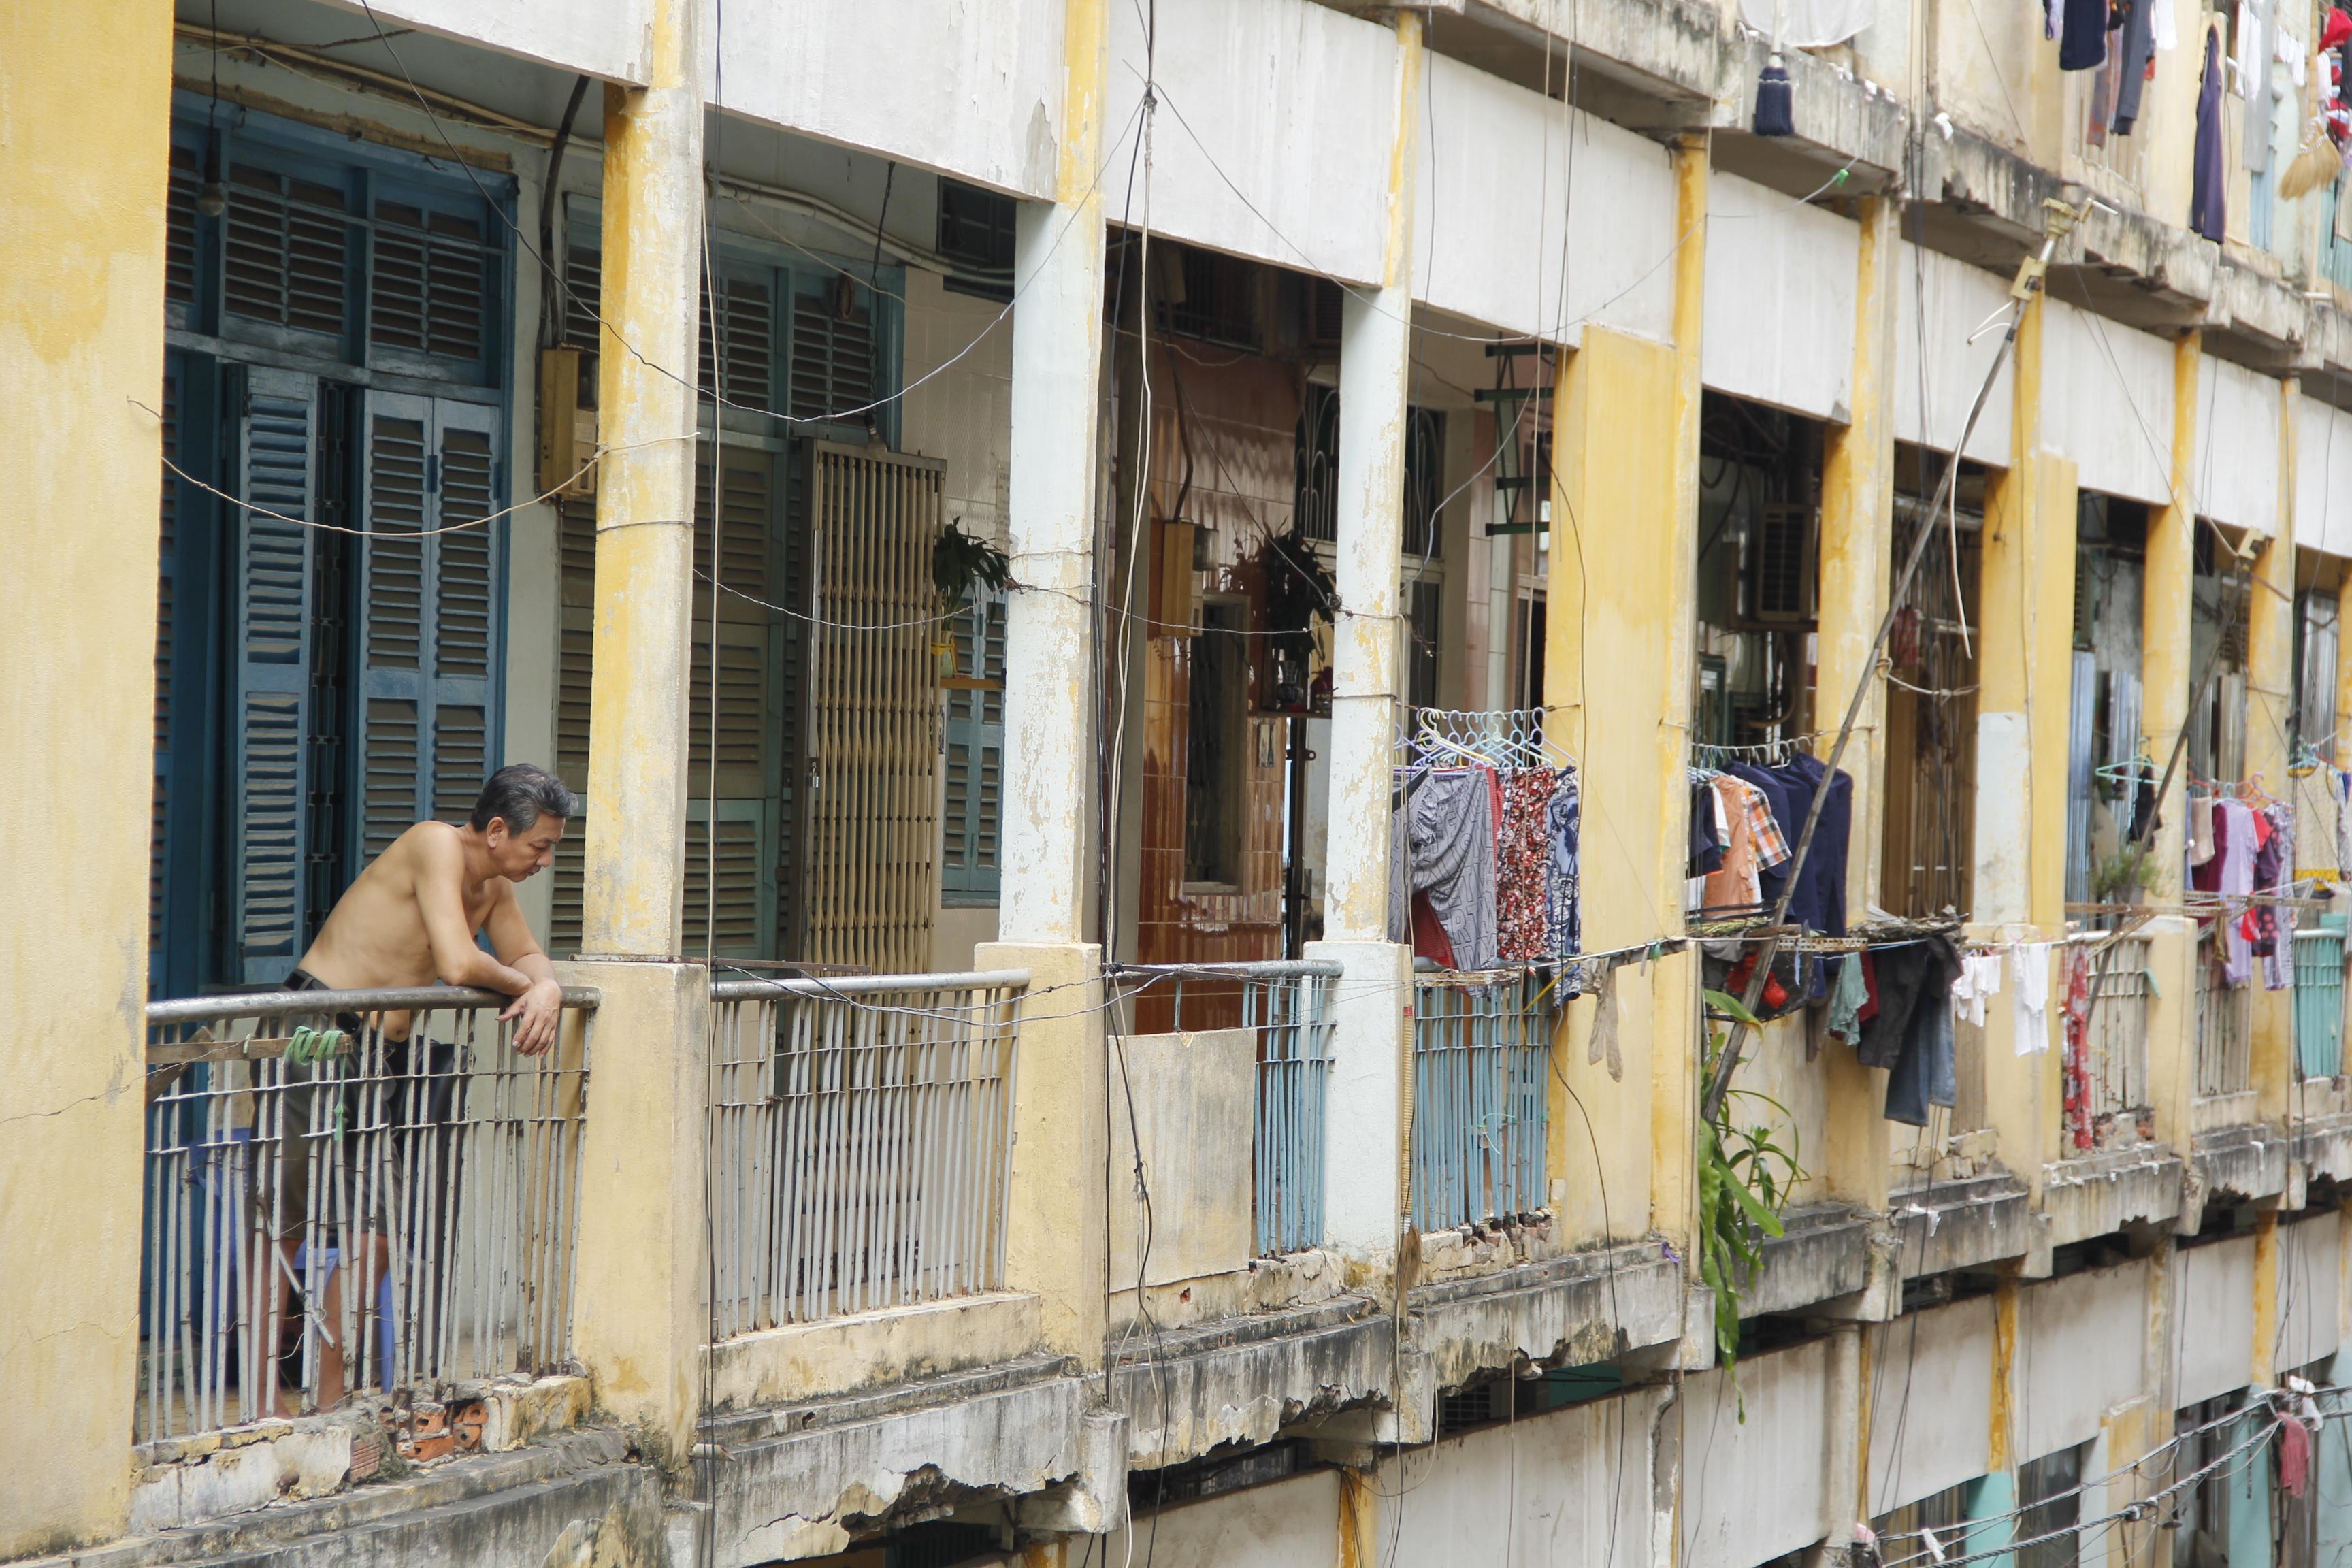 Nhiều cột trụ bê tông đã bị bật cốt thép ra, trần và sàn nhà nứt nẻ, hư hỏng, đe dọa sinh mạng của cư dân nơi đây